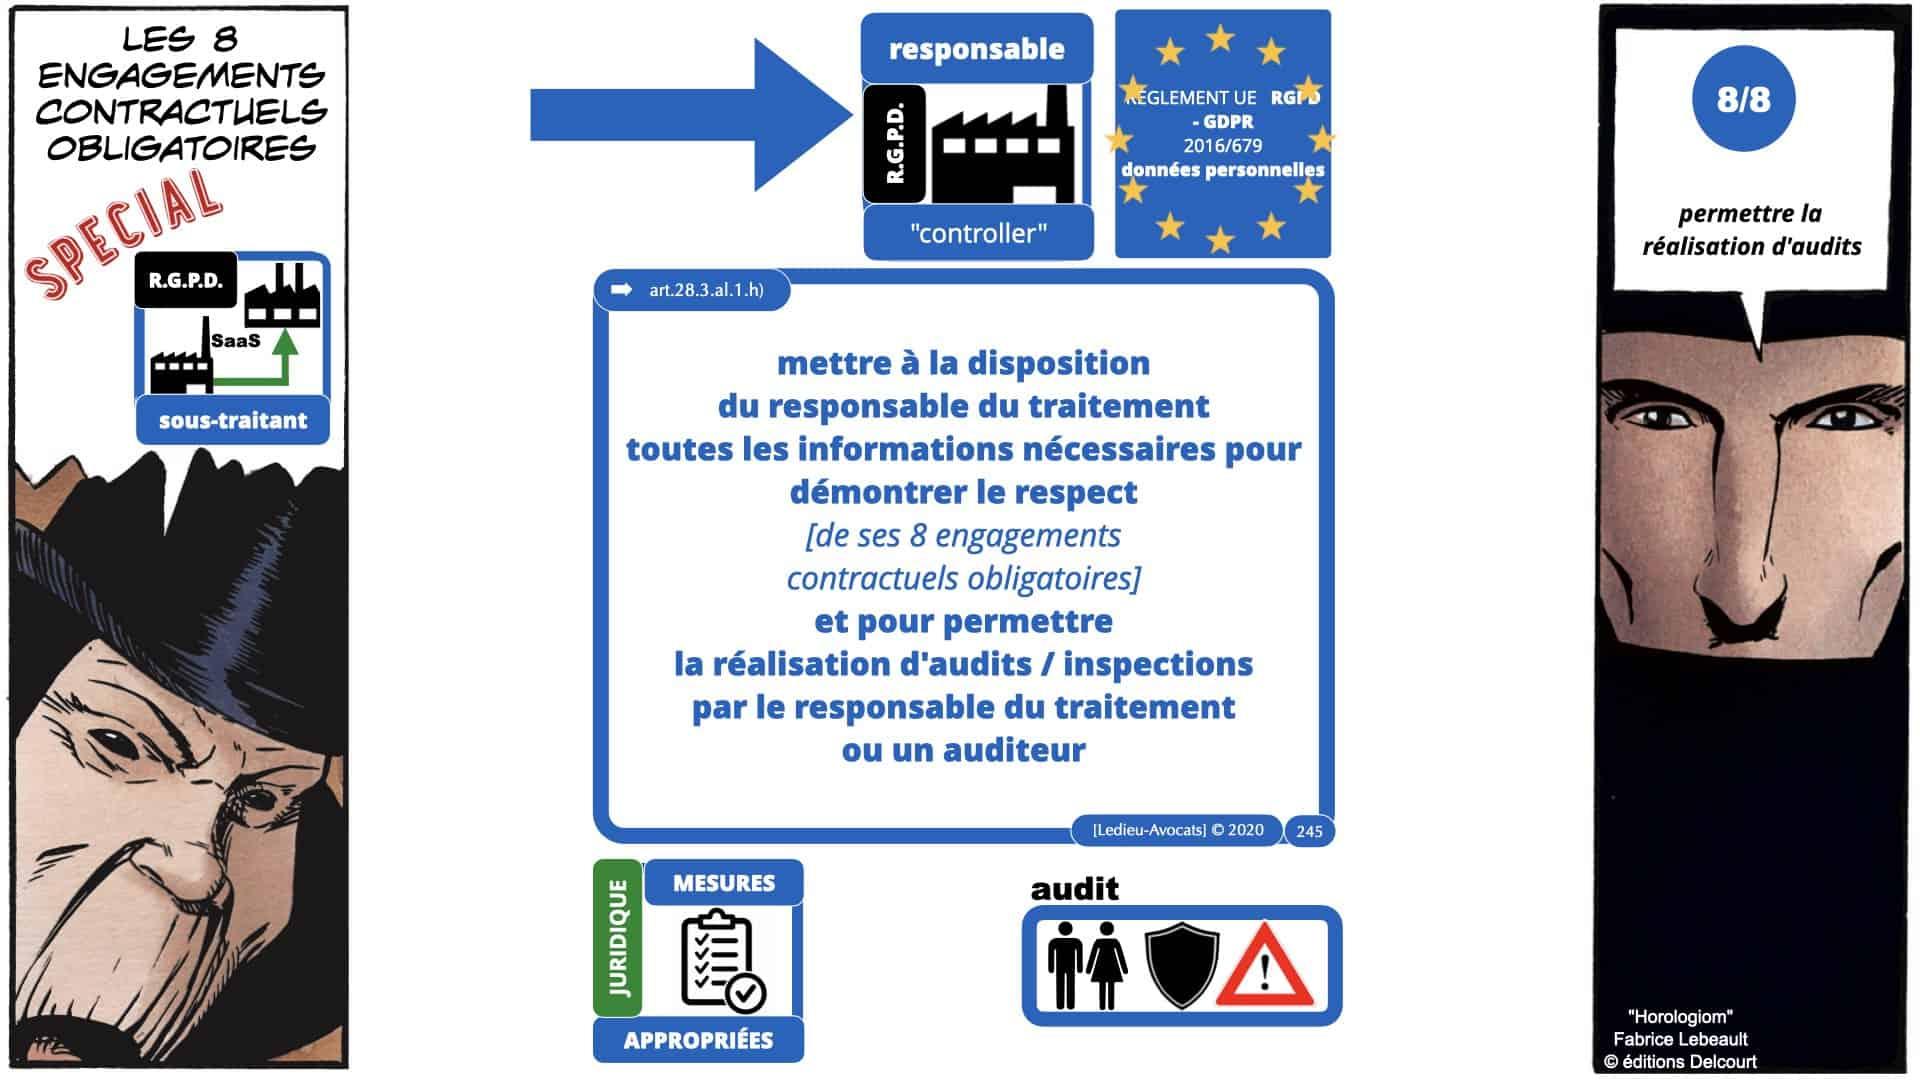 RGPD e-Privacy données personnelles jurisprudence formation Lamy Les Echos 10-02-2021 ©Ledieu-Avocats.245